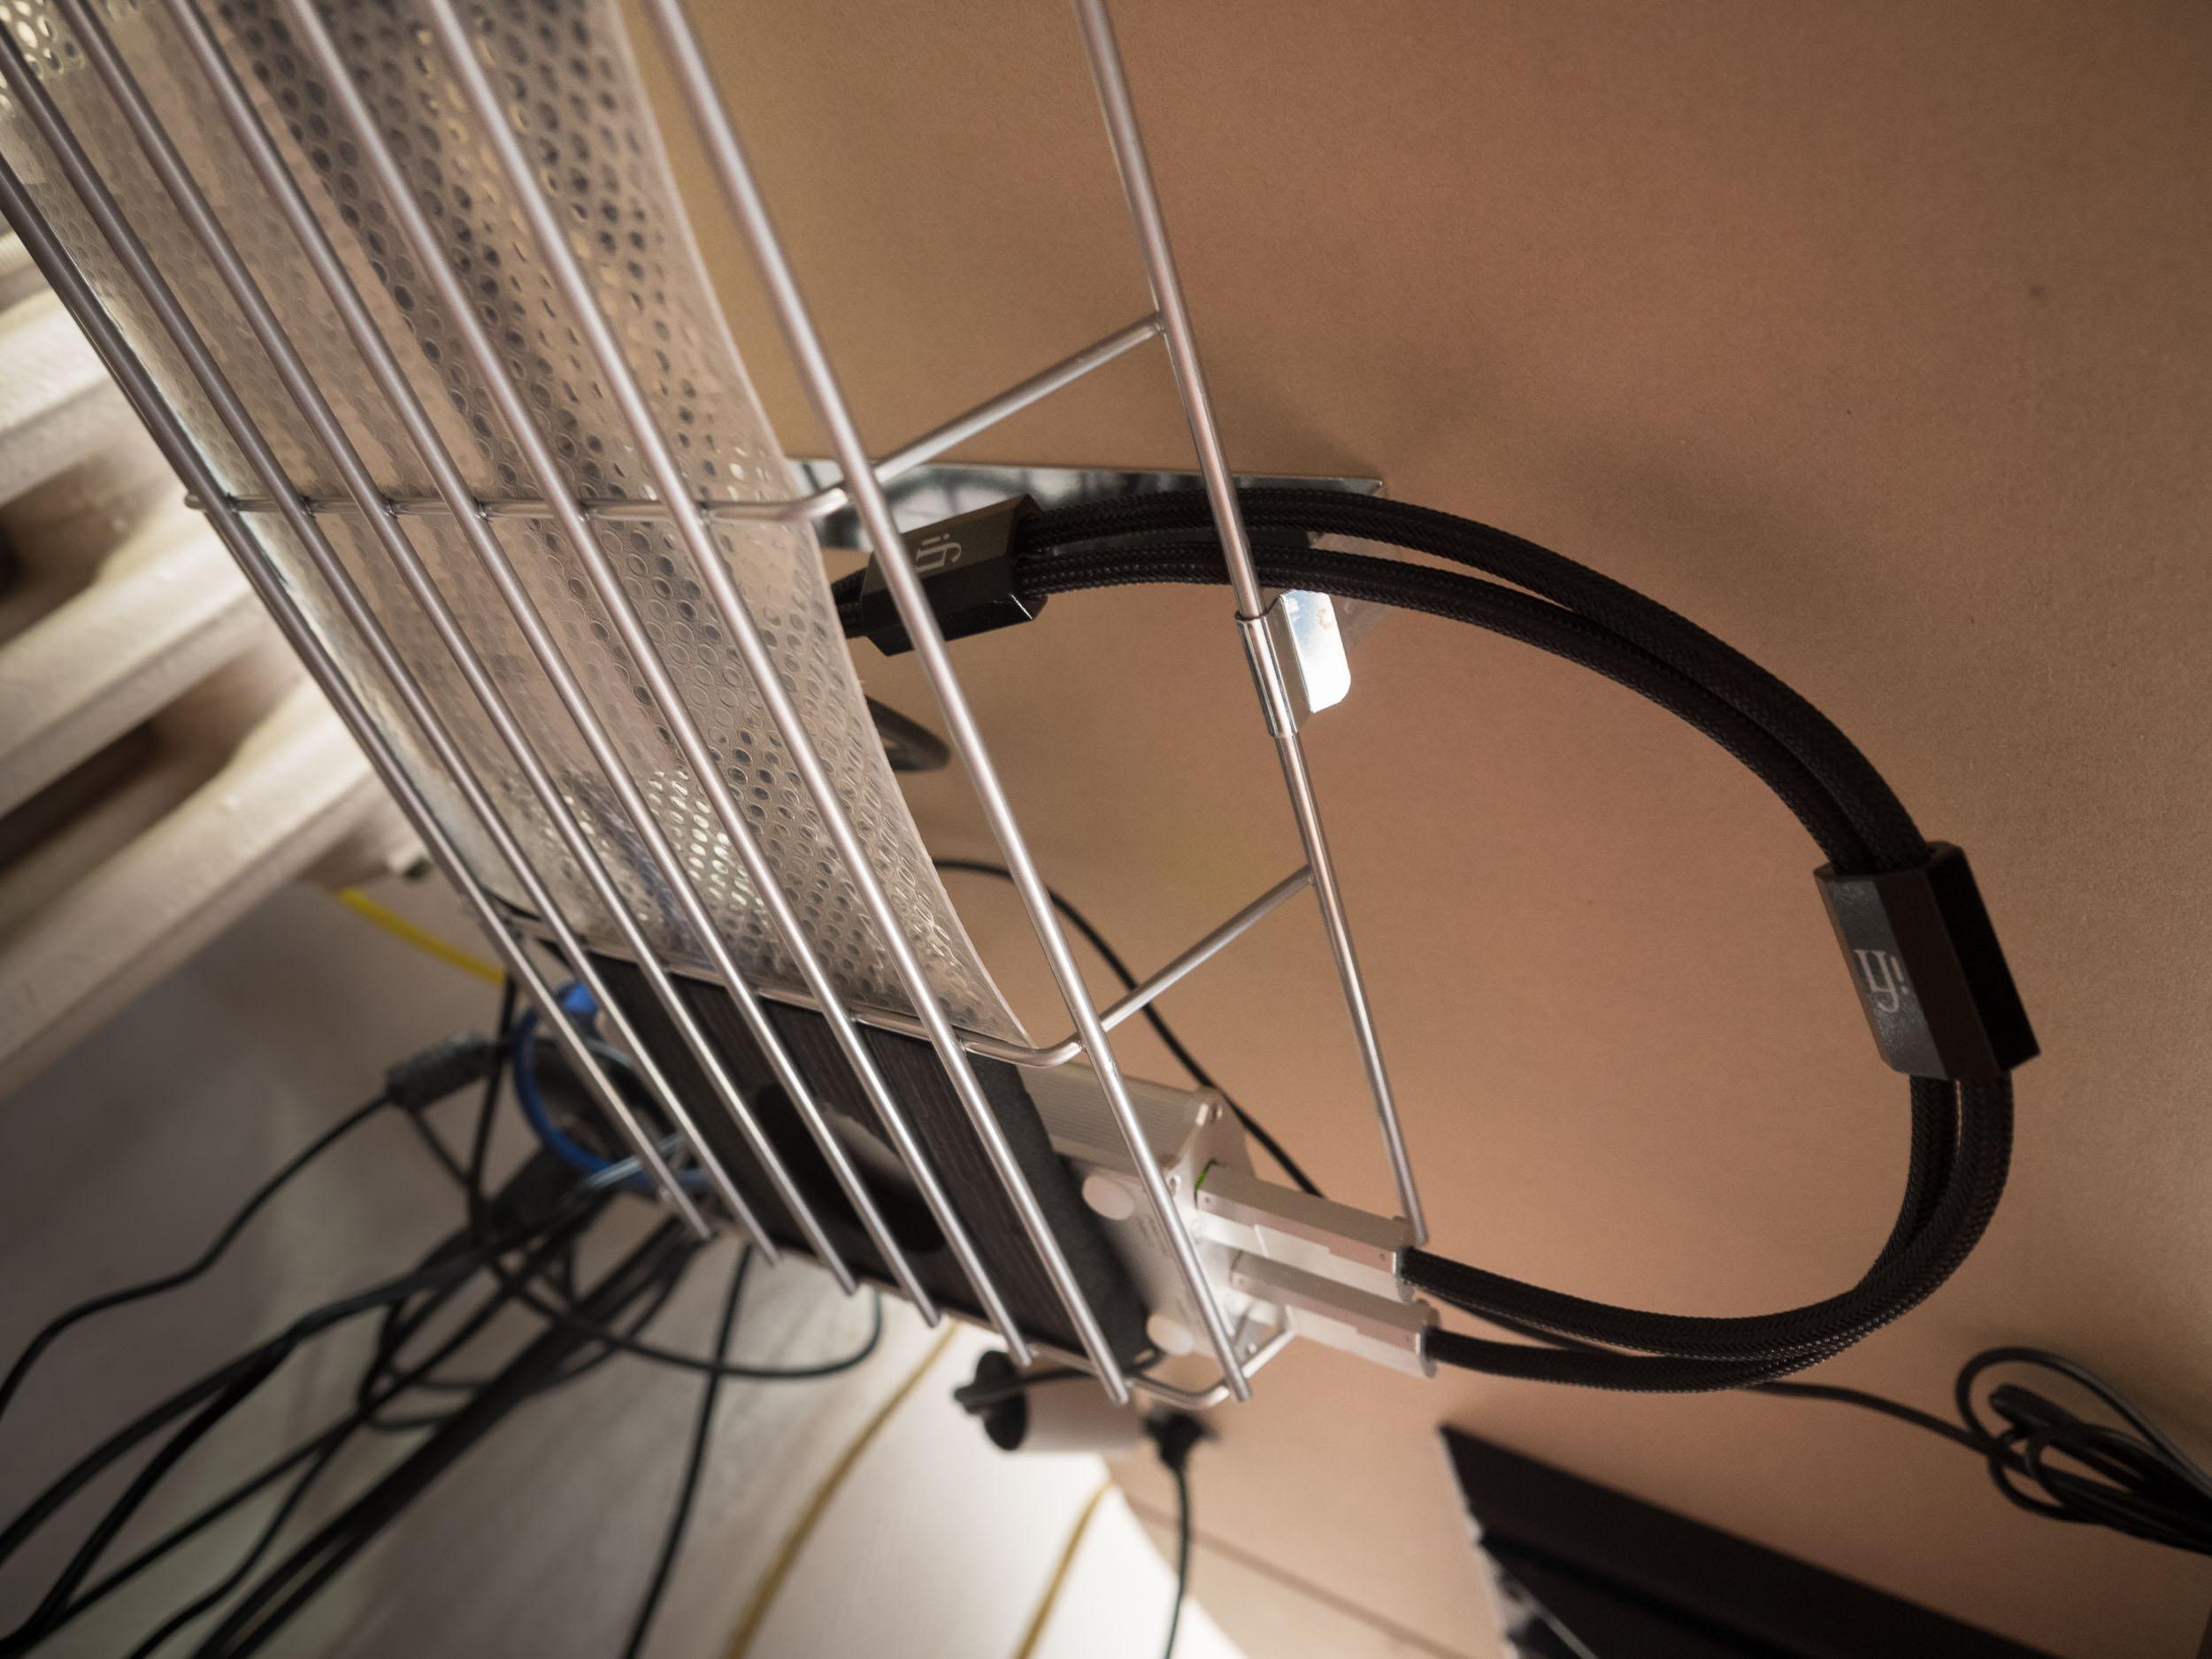 Organisationstipp: Festplatten, Kabel, Adapter und mehr unter der ...